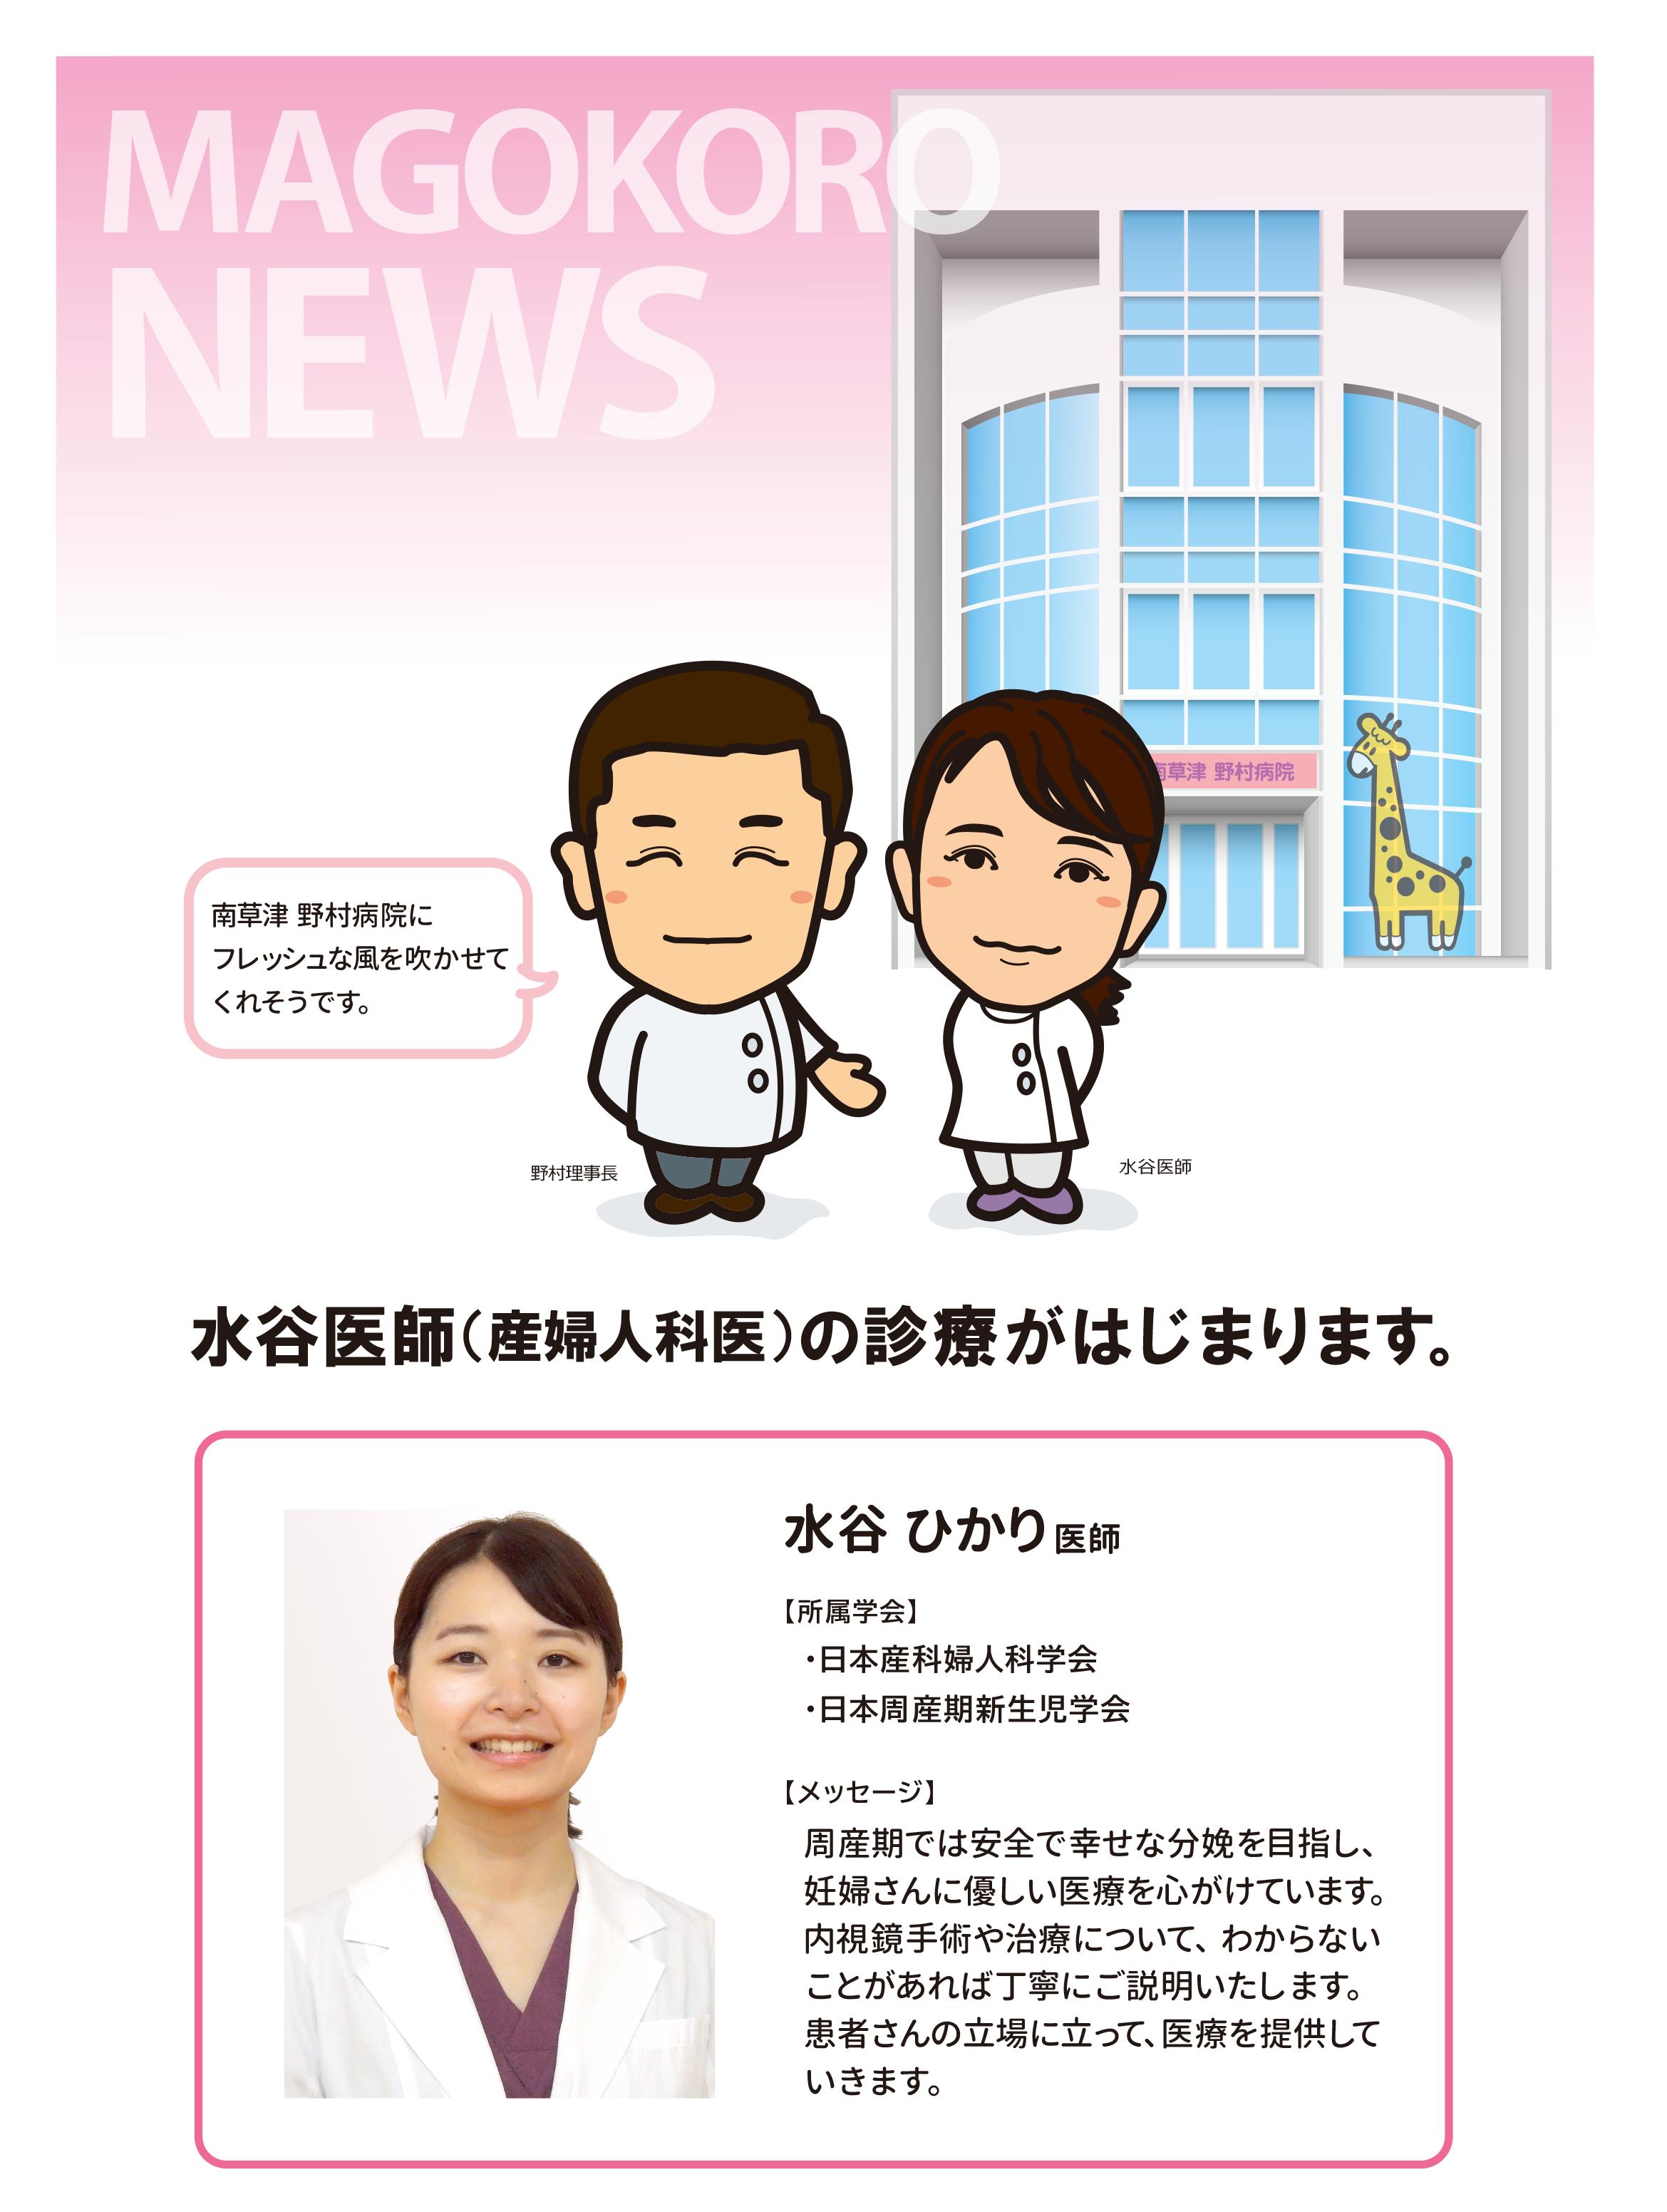 nmb_dr_mizutani_info